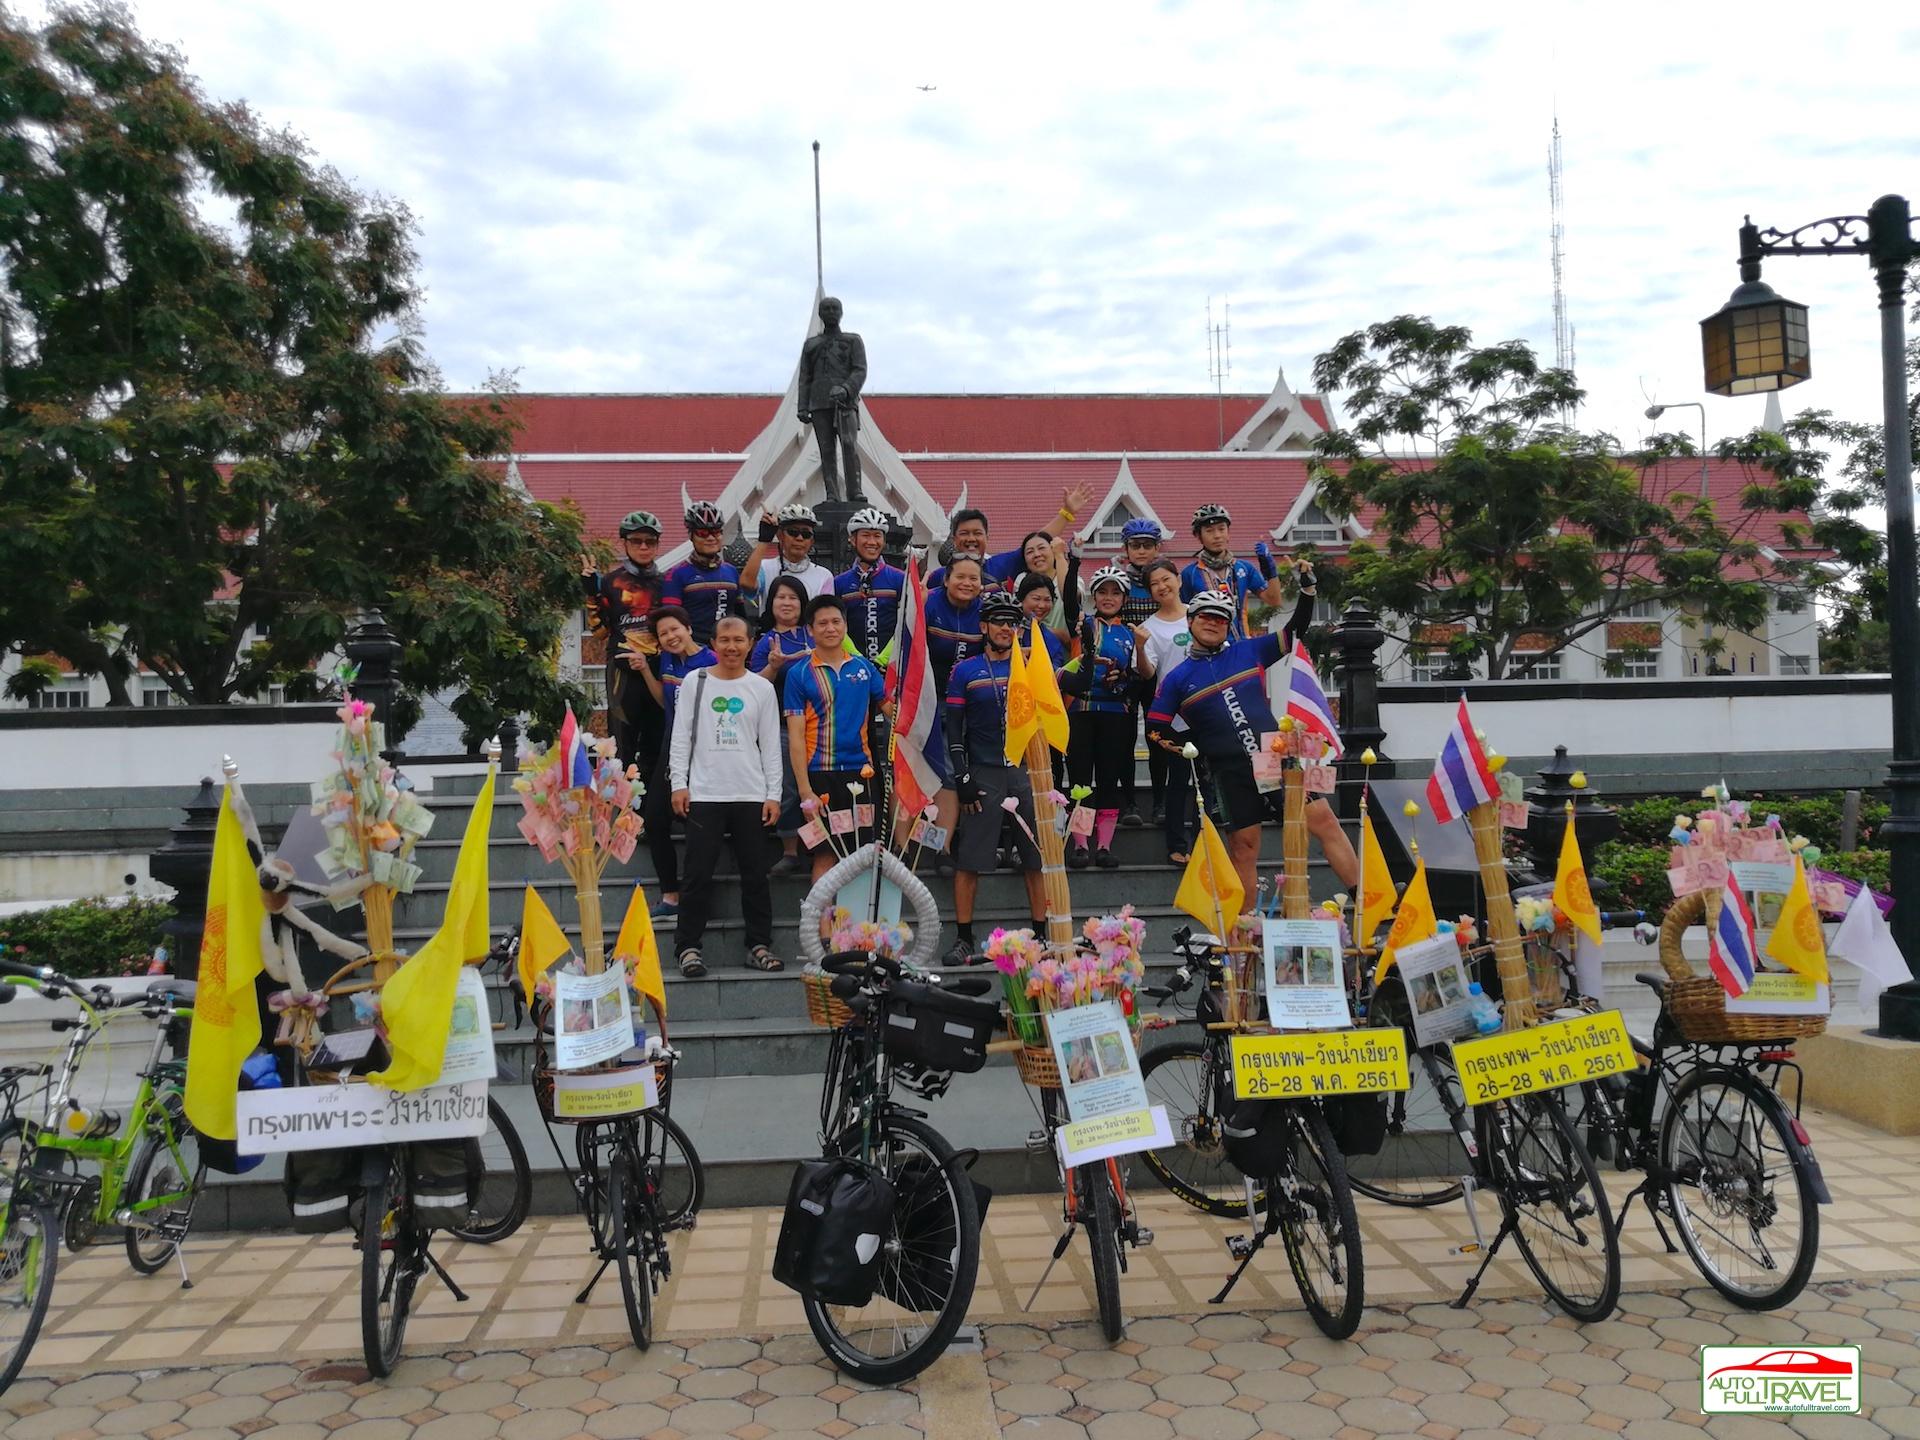 คลุกฝุ่น Cycling Club ปั่นจักรยานถวายผ้าป่า วัดป่าทรัพย์ทวีธรรมาราม หลวงพ่อกัณหา สุขกาโม วังน้ำเขียว